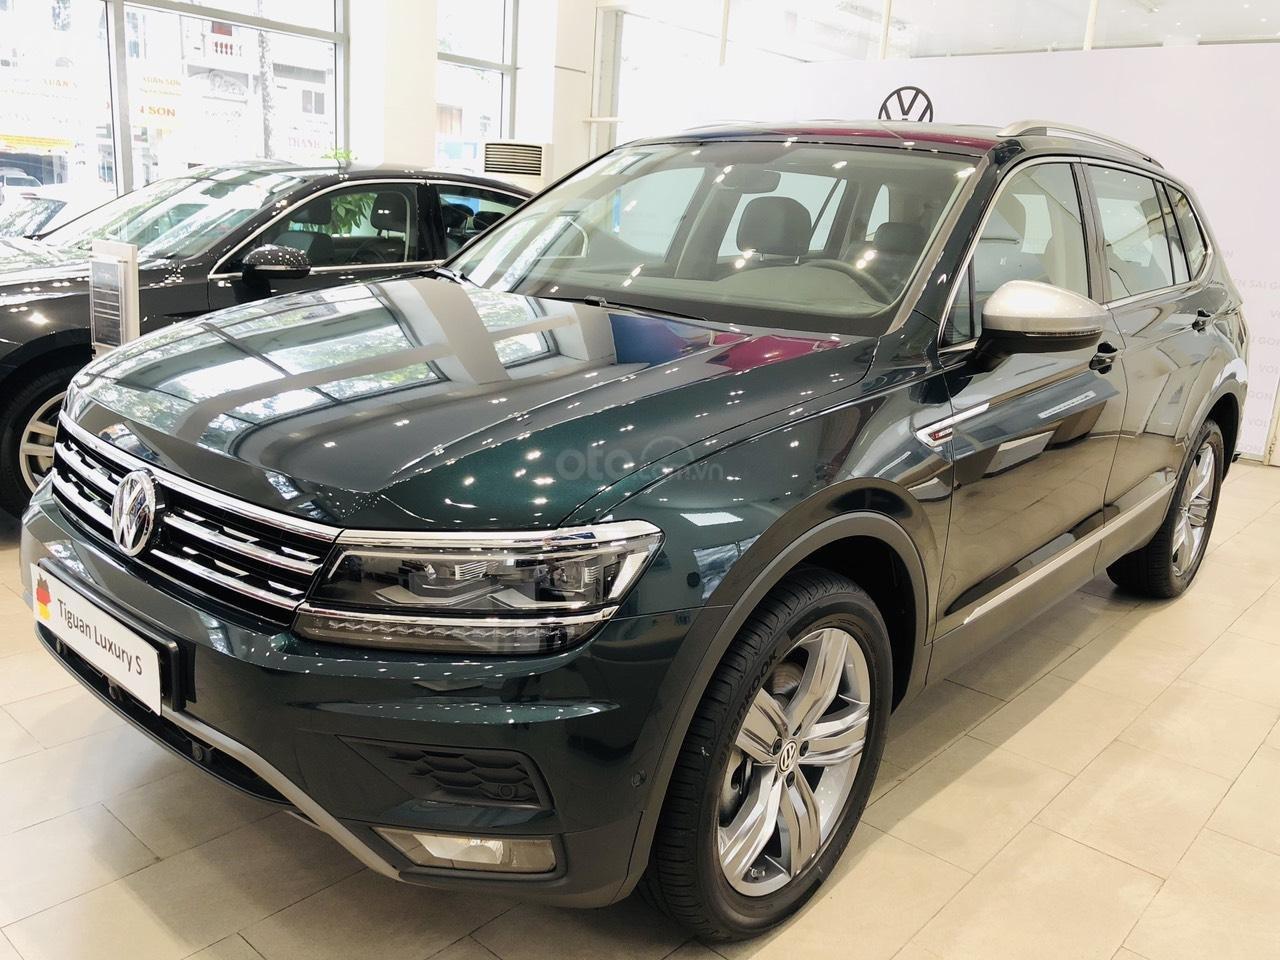 Volkswagen Tiguan Luxury S xanh rêu lạ mắt - xe Đức nhập khẩu 100% - giao ngay (4)